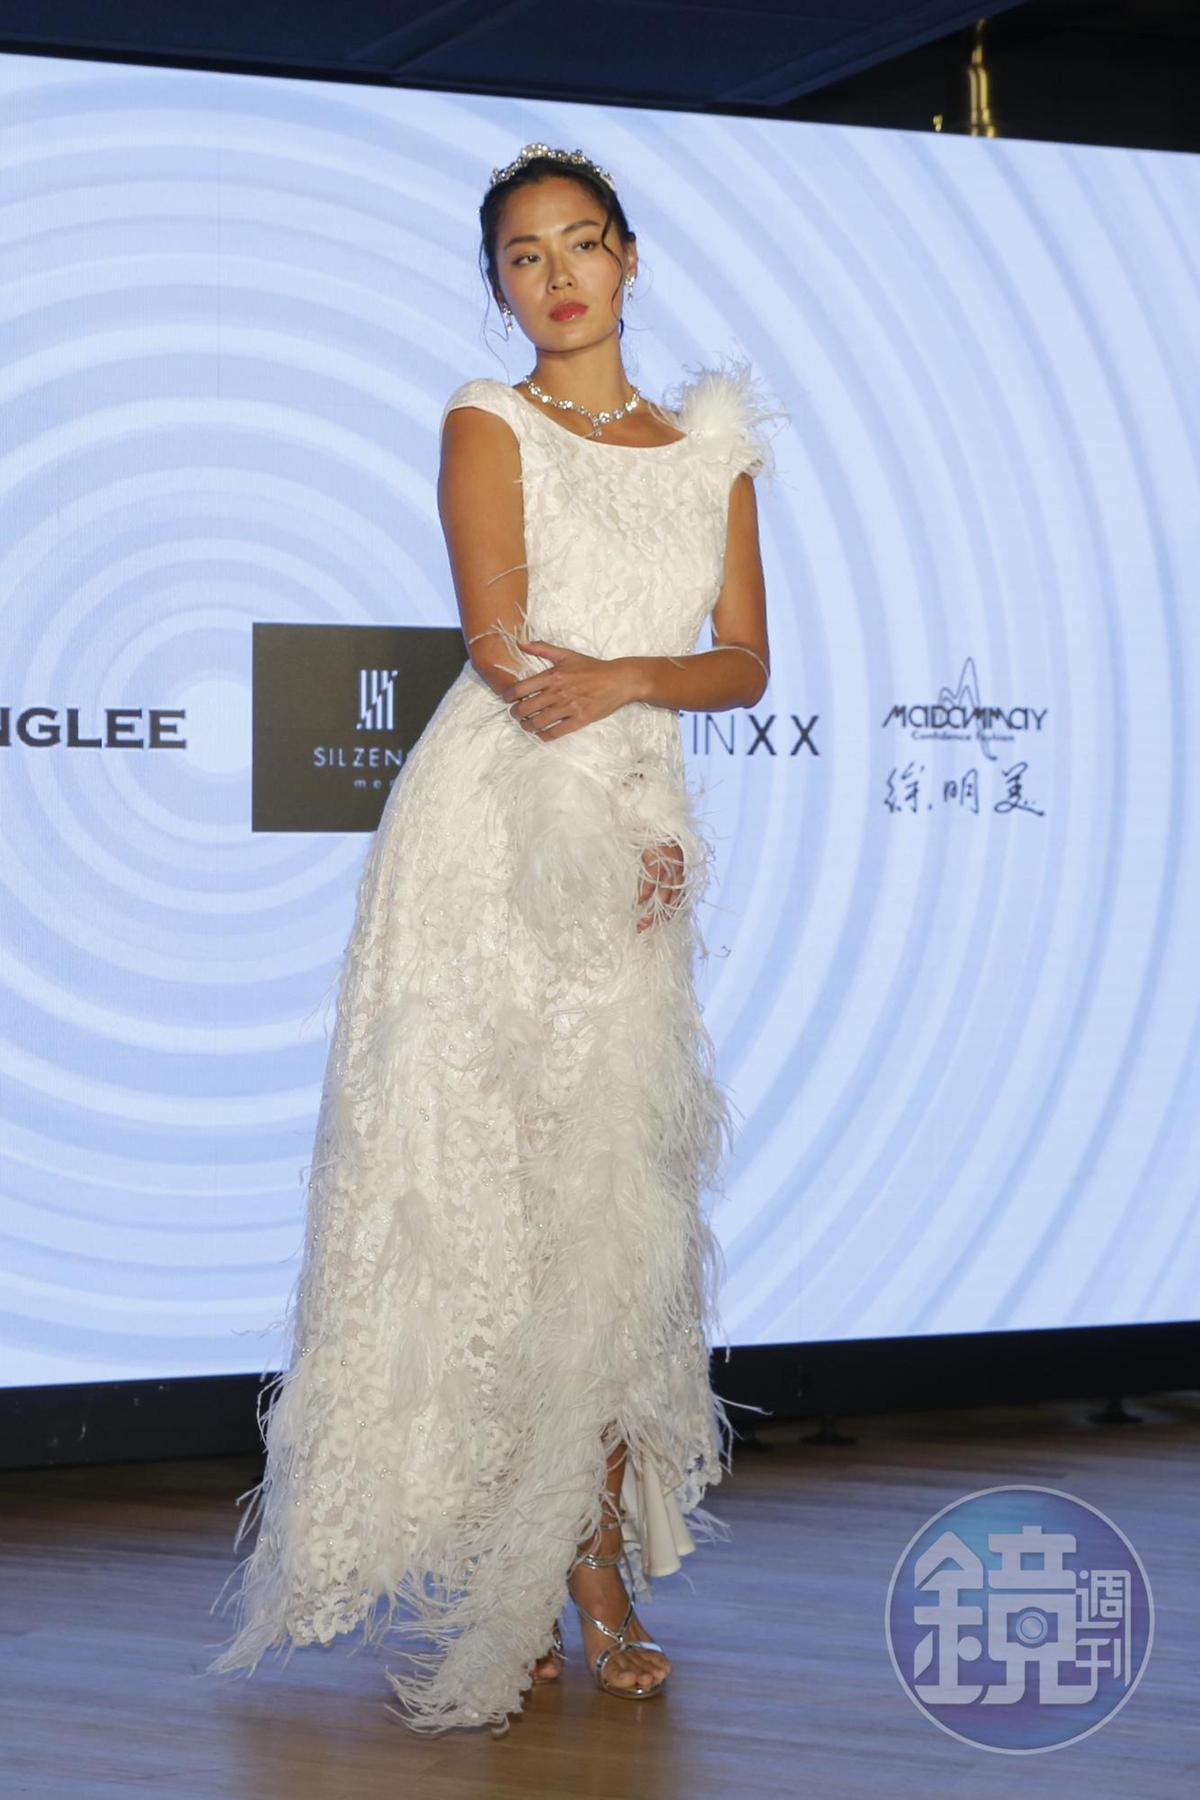 王麗雅示範設計師徐明美的服裝,運用蕾絲的白色色系打造雪景概念,凸顯環保意識,憂心未來白雪皚皚的景況不復見。